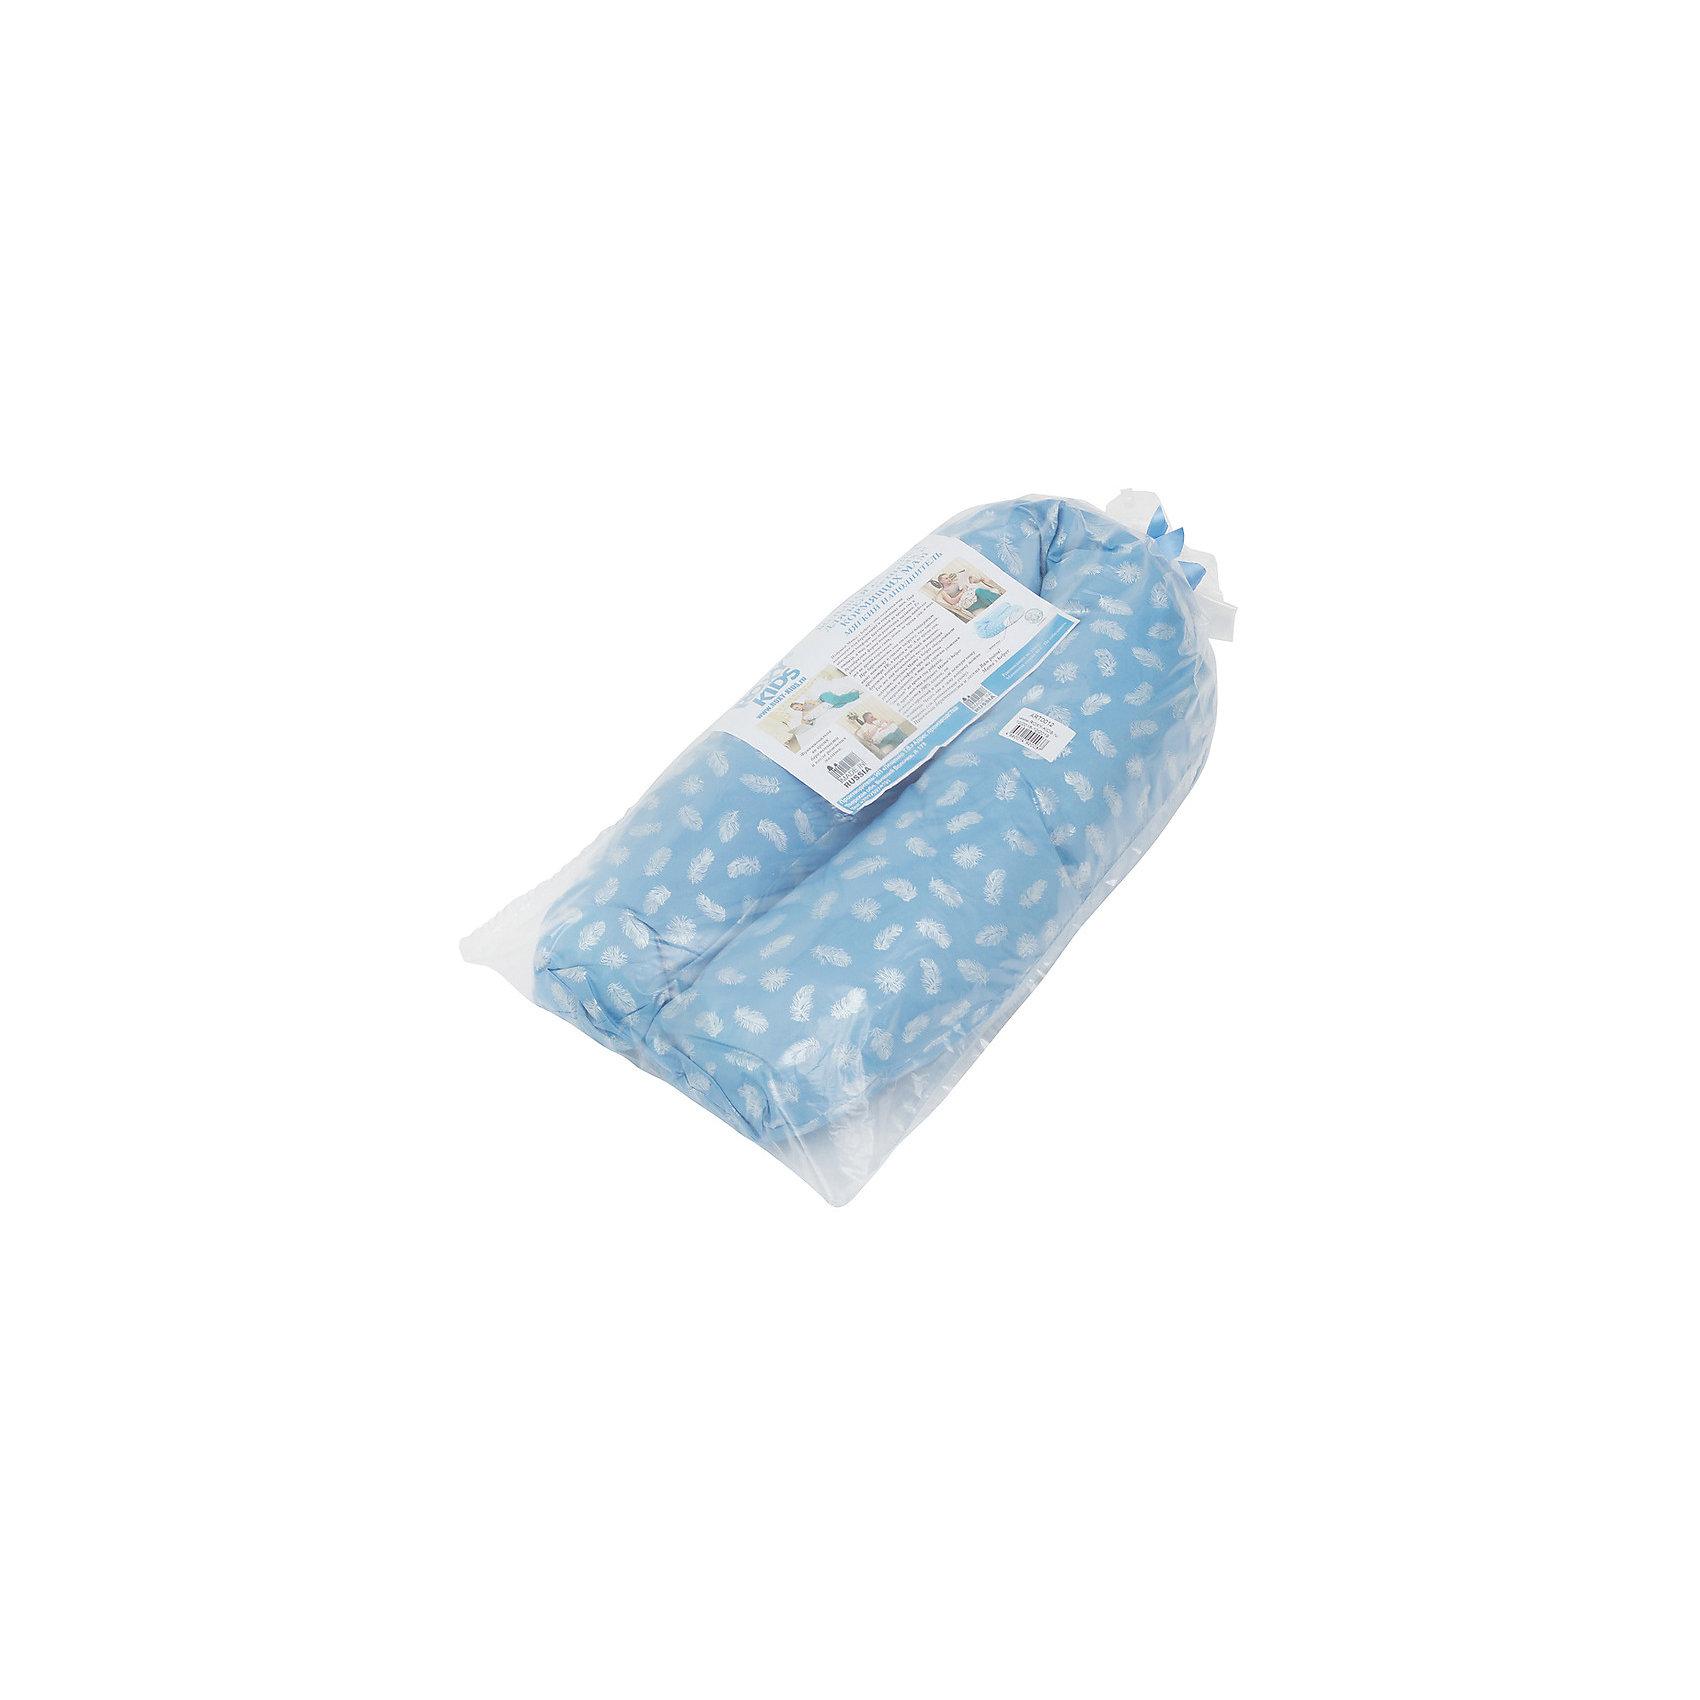 Подушка для беременных и кормления, Mamas helper, полистирол, голубой с белыми перышками (Mamas Helper)